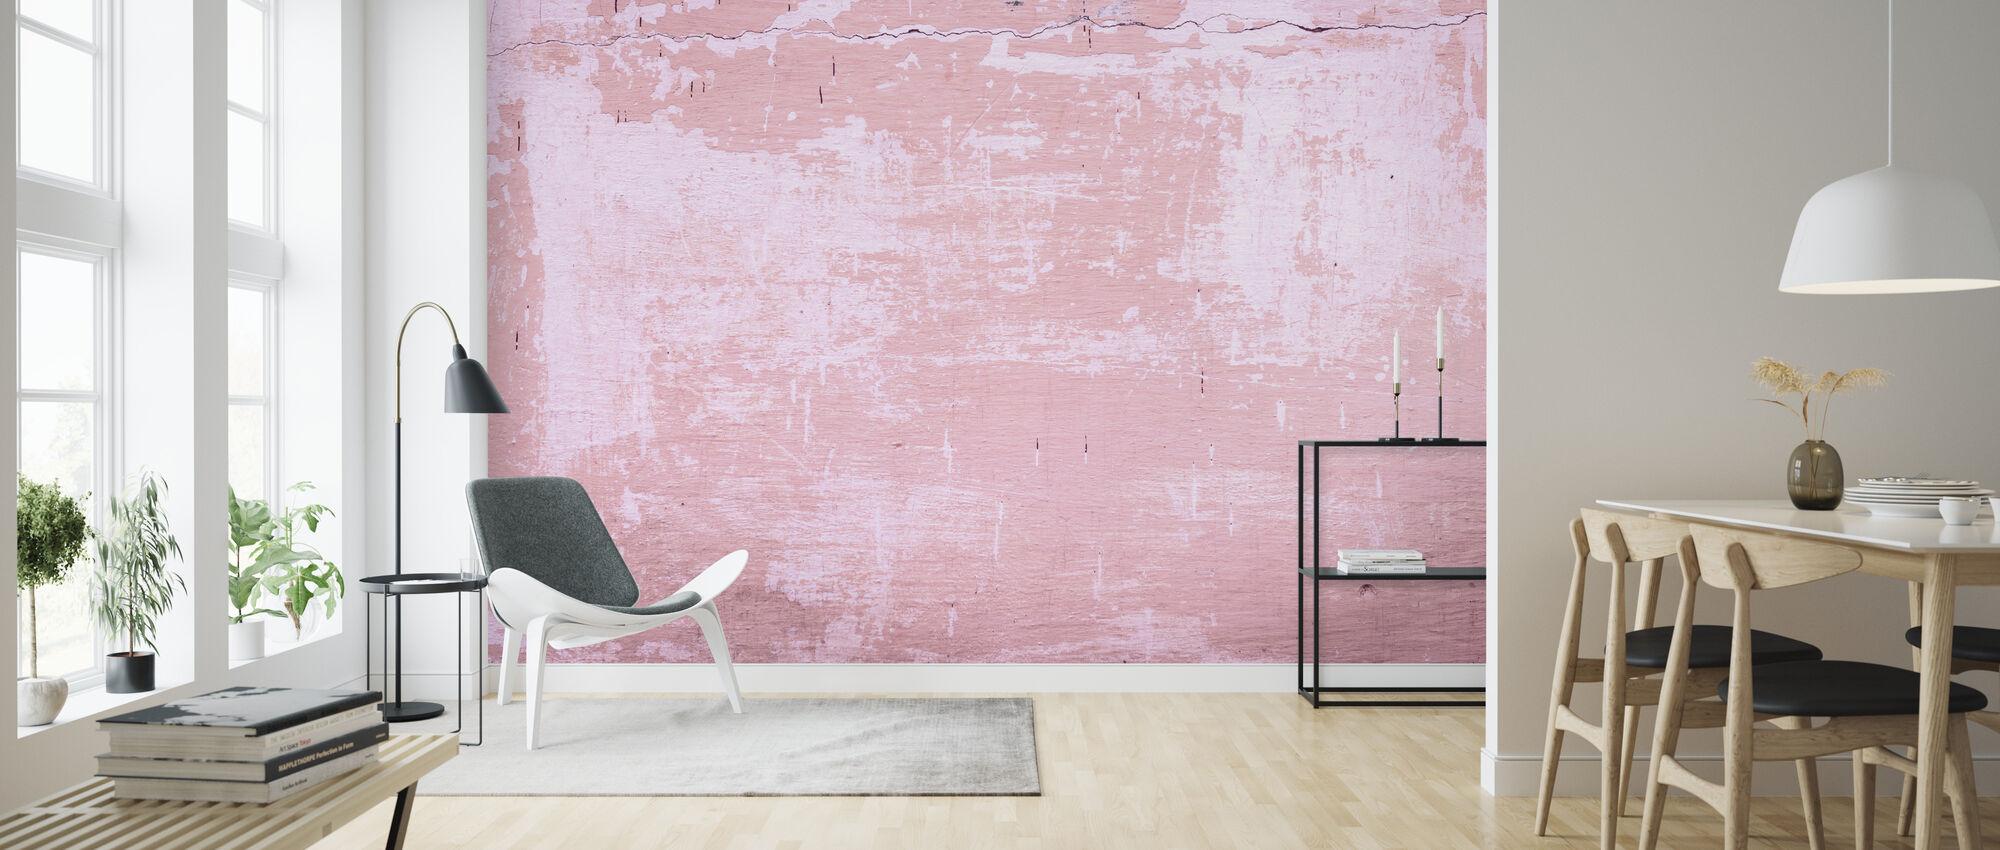 Murtunut vaaleanpunainen maalattu seinä - Tapetti - Olohuone